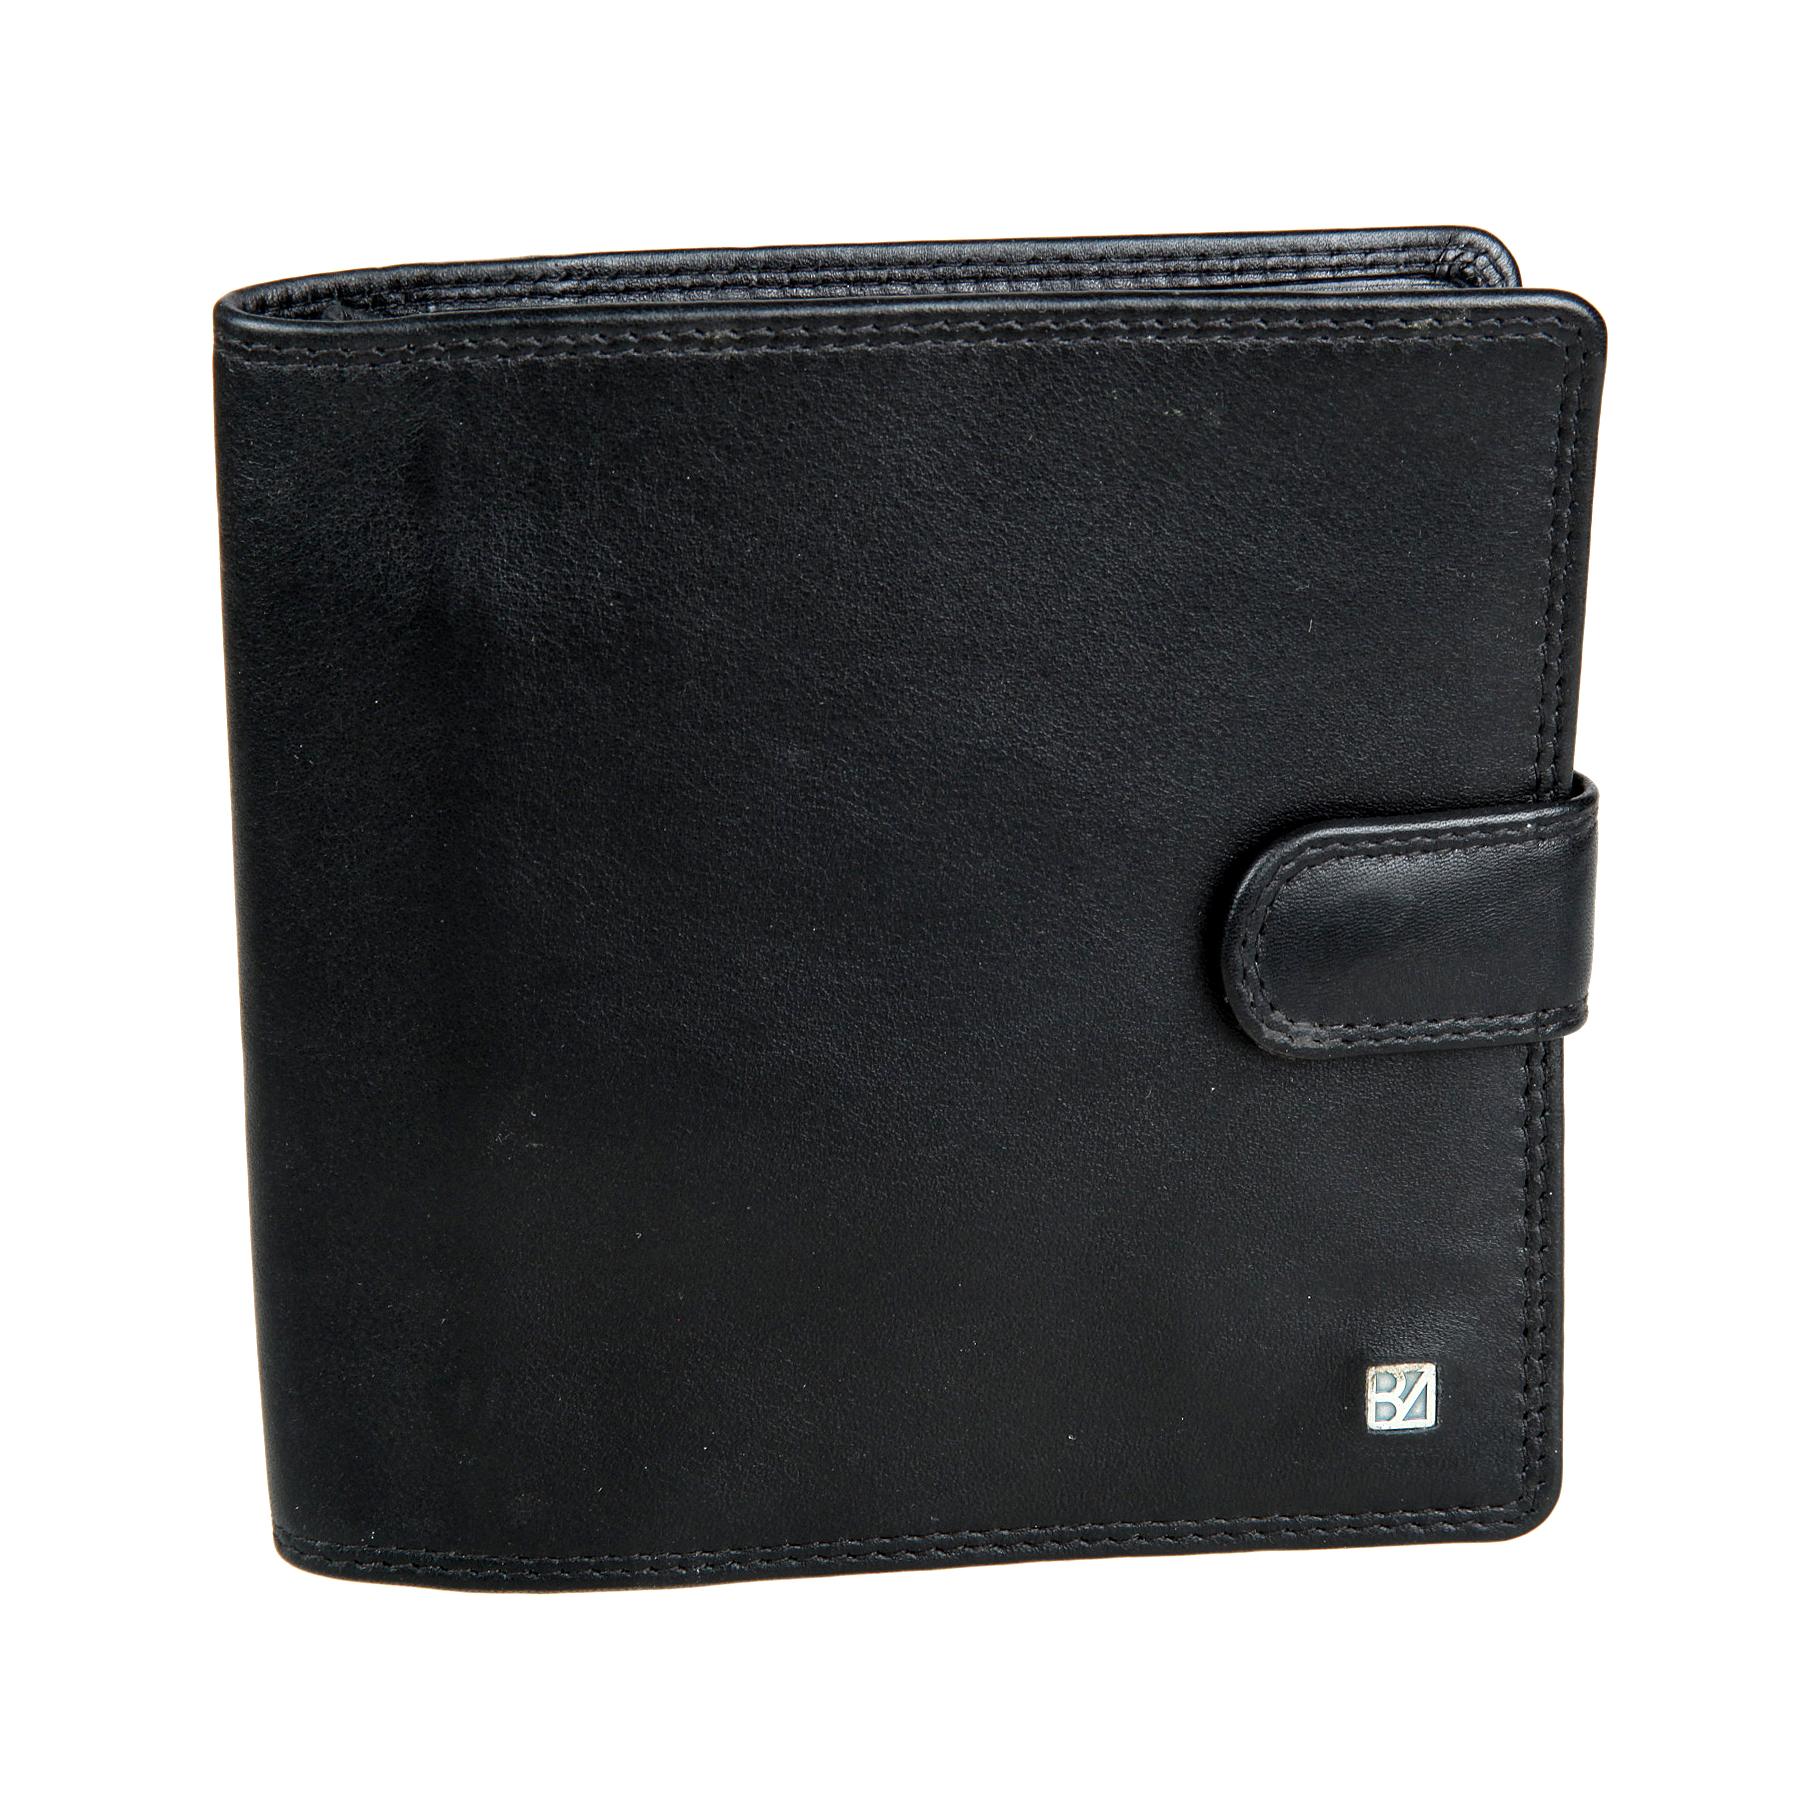 Визитница мужское Bodenschatz, цвет: черный. 8-789INT-06501Визитница мужское Bodenschatz выполнена из натуральной кожи. Закрывается клапаном на кнопке, внутри блок прозрачных файлов для визитных карточек, который вмещает тридцать четыре карточки, два потайных кармана, семь отделений для пластиковых карт, три дополнительных кармана.